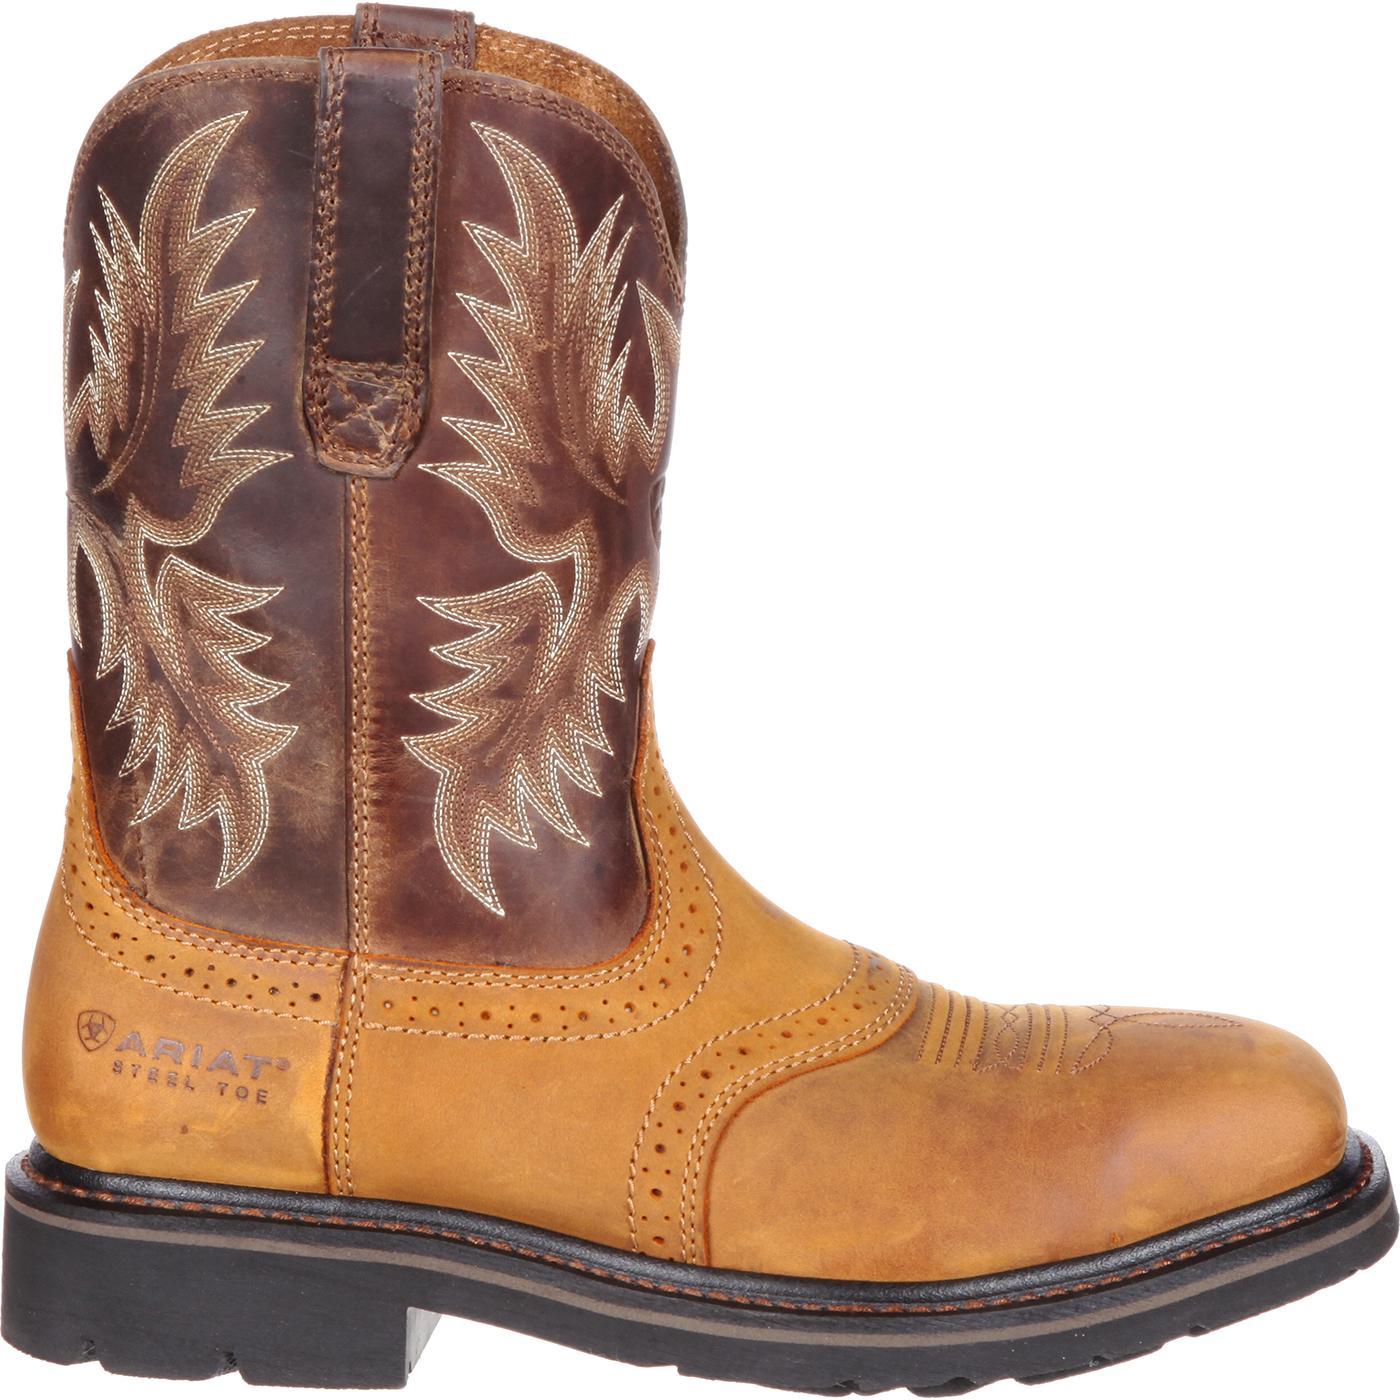 34e11886557 Ariat Sierra Wide Square Steel Toe Western Work Boot